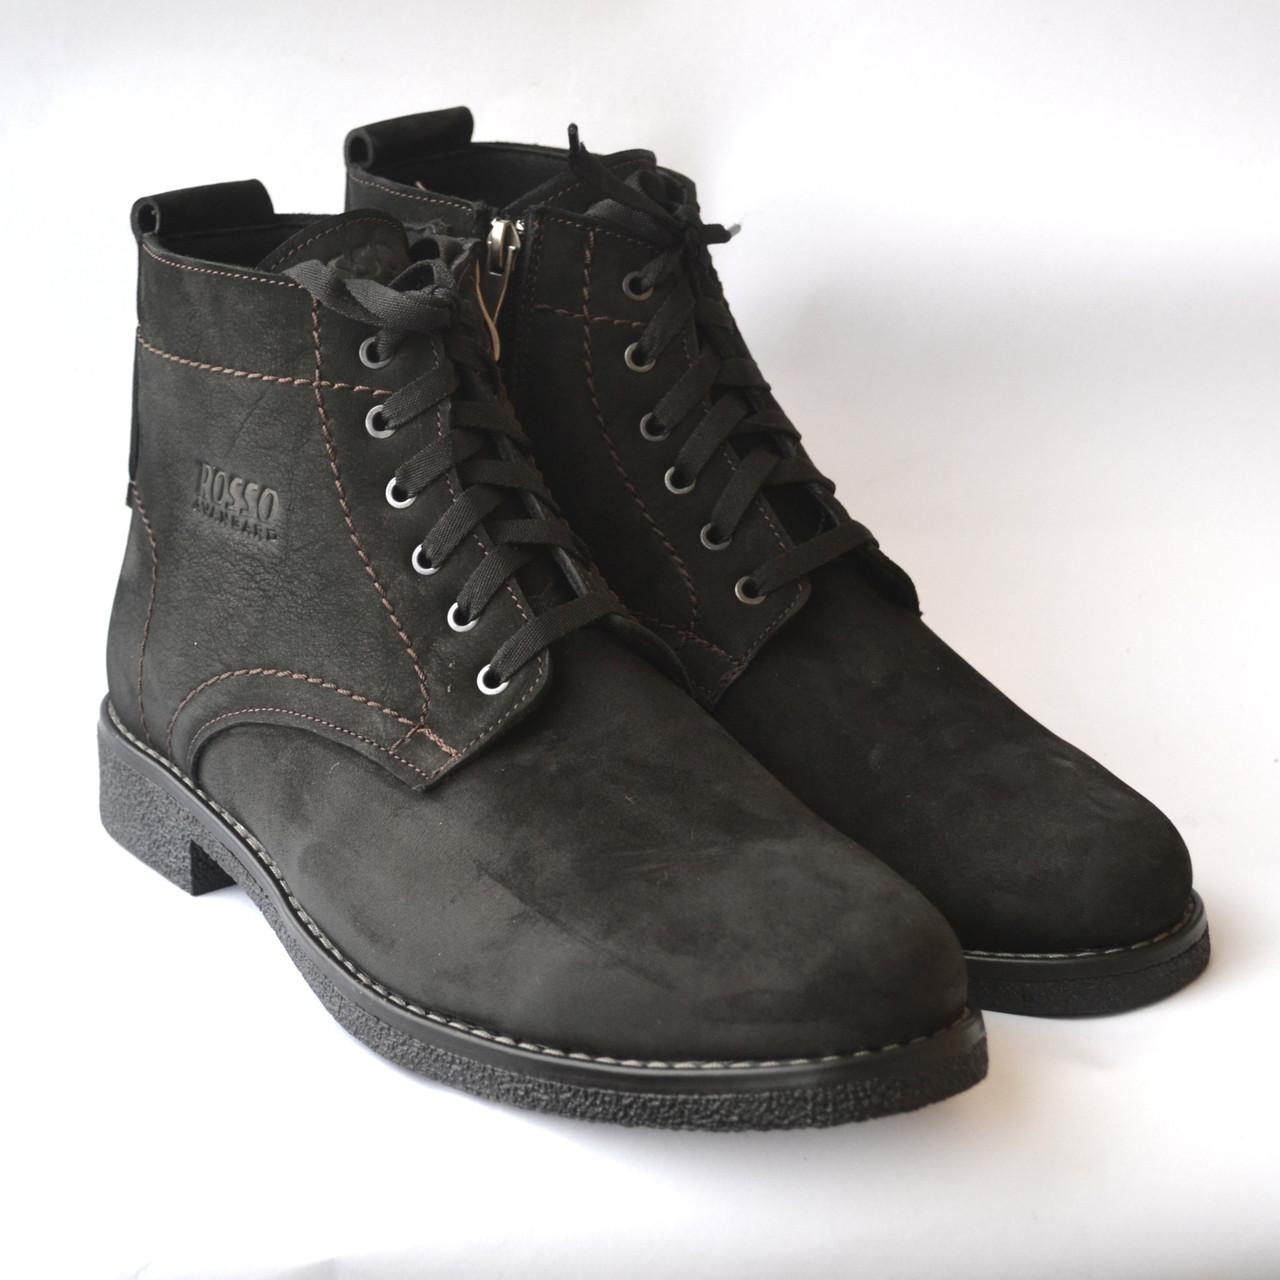 Классические зимние мужские ботинки черный нубук на меху теплые Rosso Avangard. Falconi Pa Nub